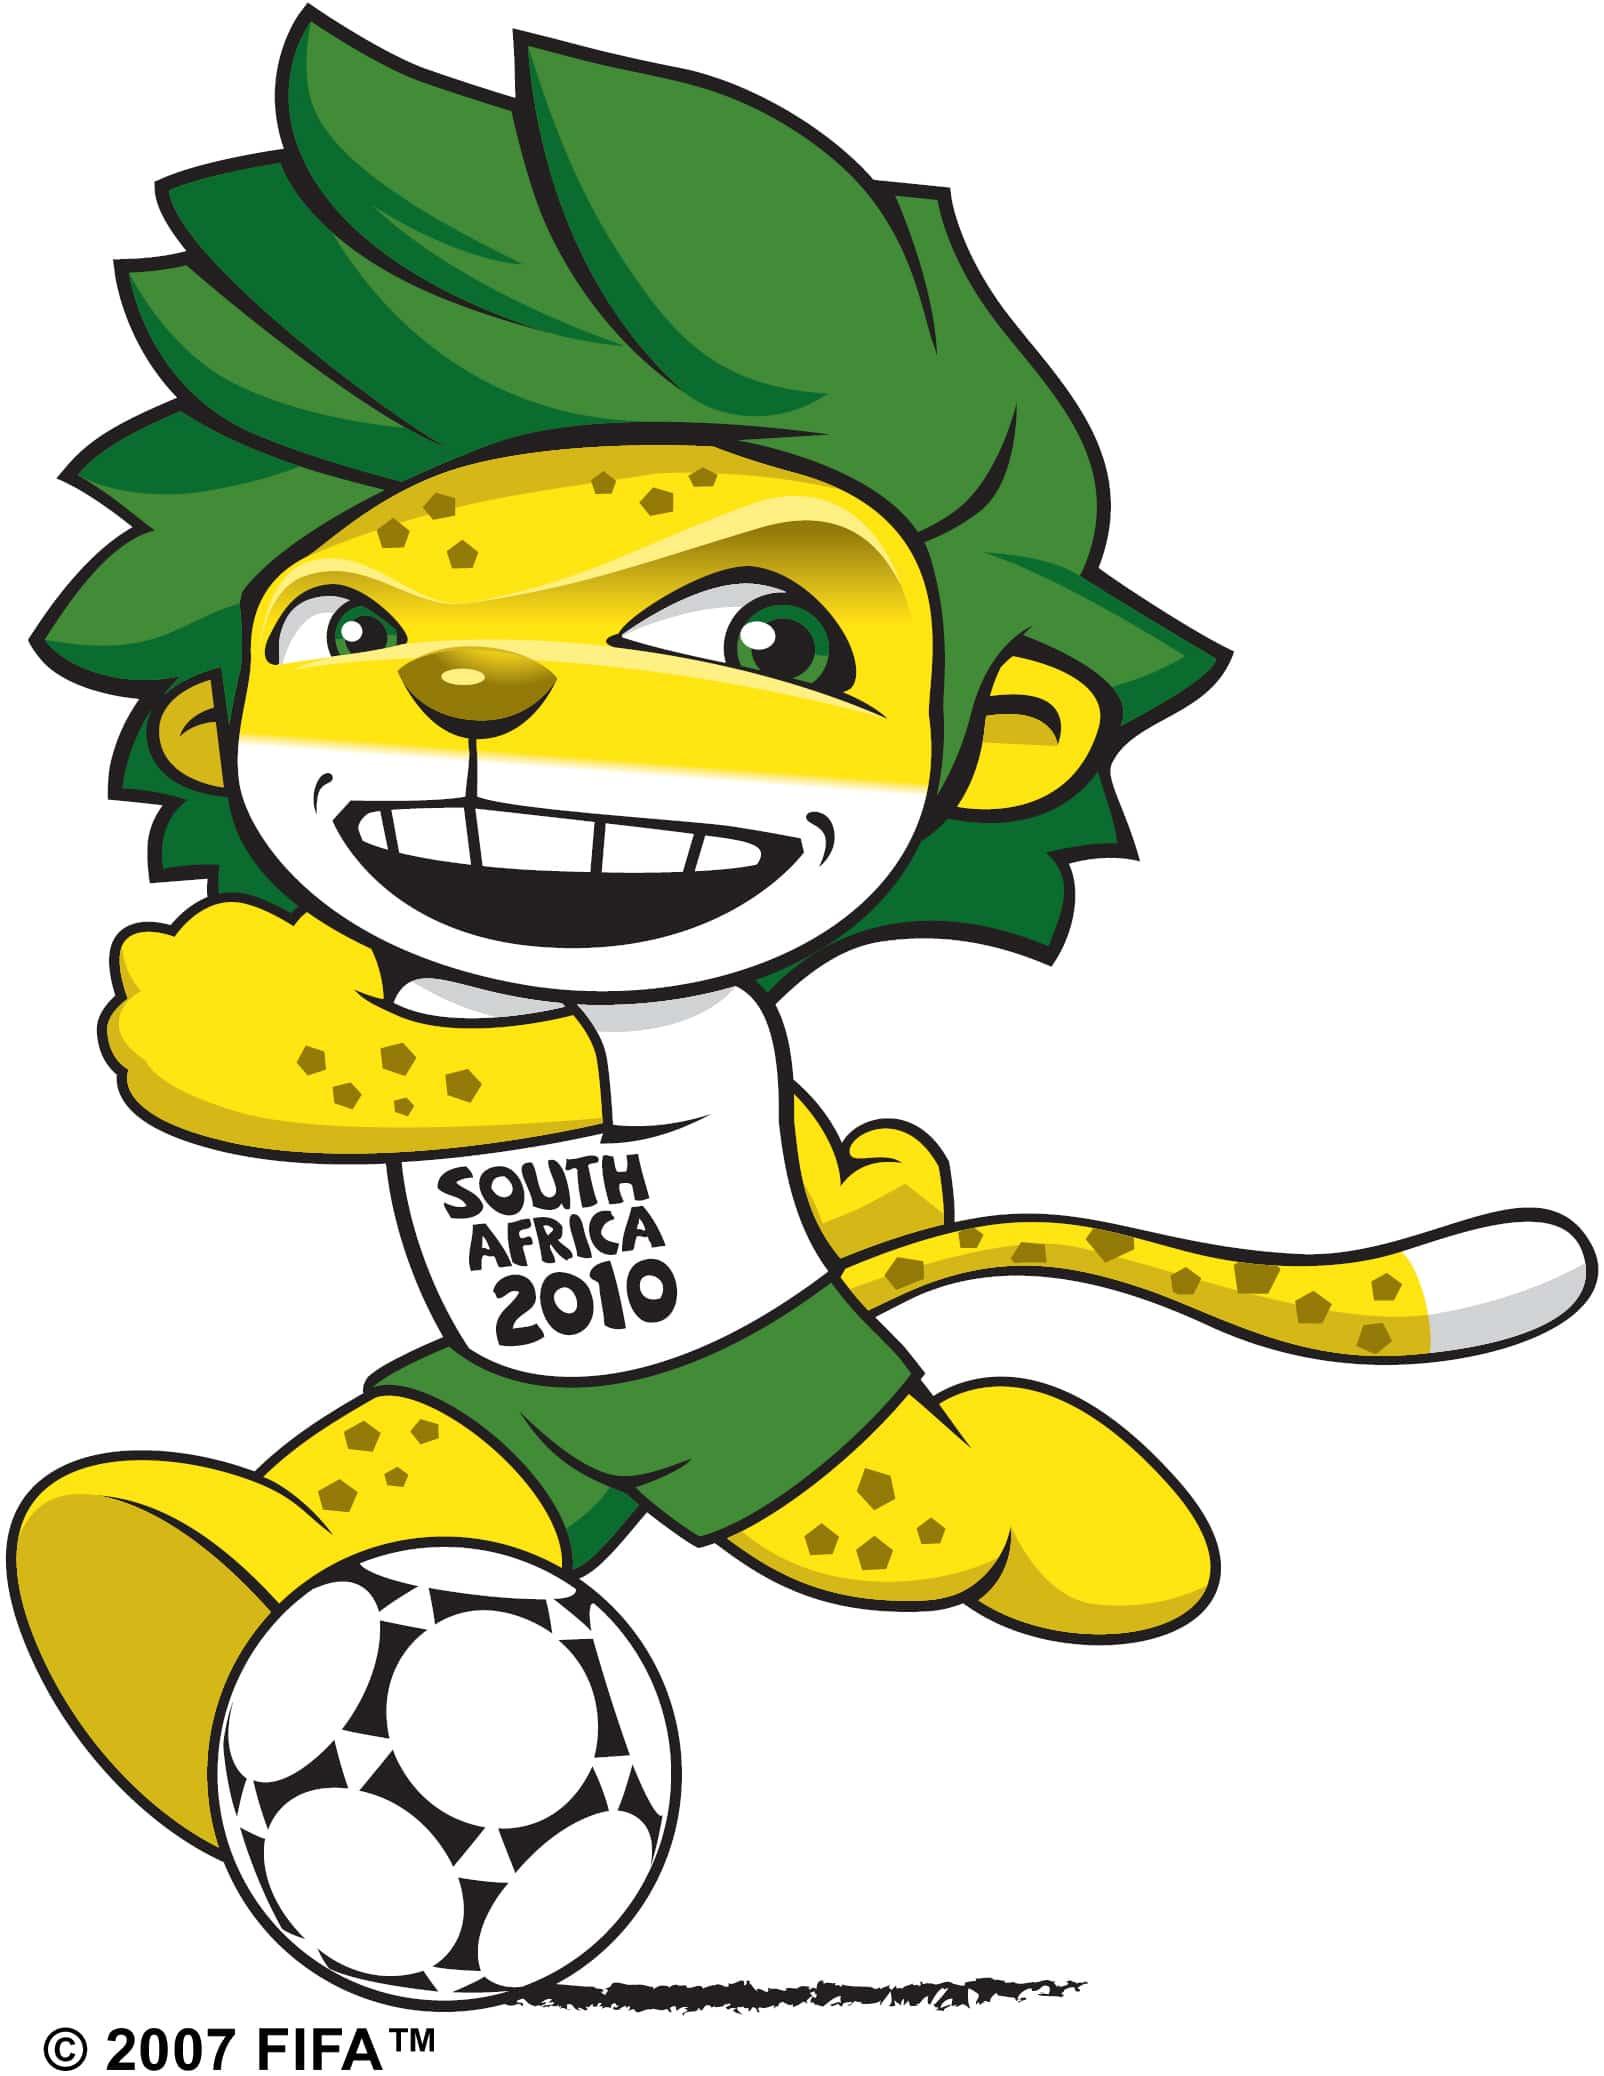 Zakumi. Mascota oficial de la Copa del Mundo de fútbol de Sudáfrica 2010